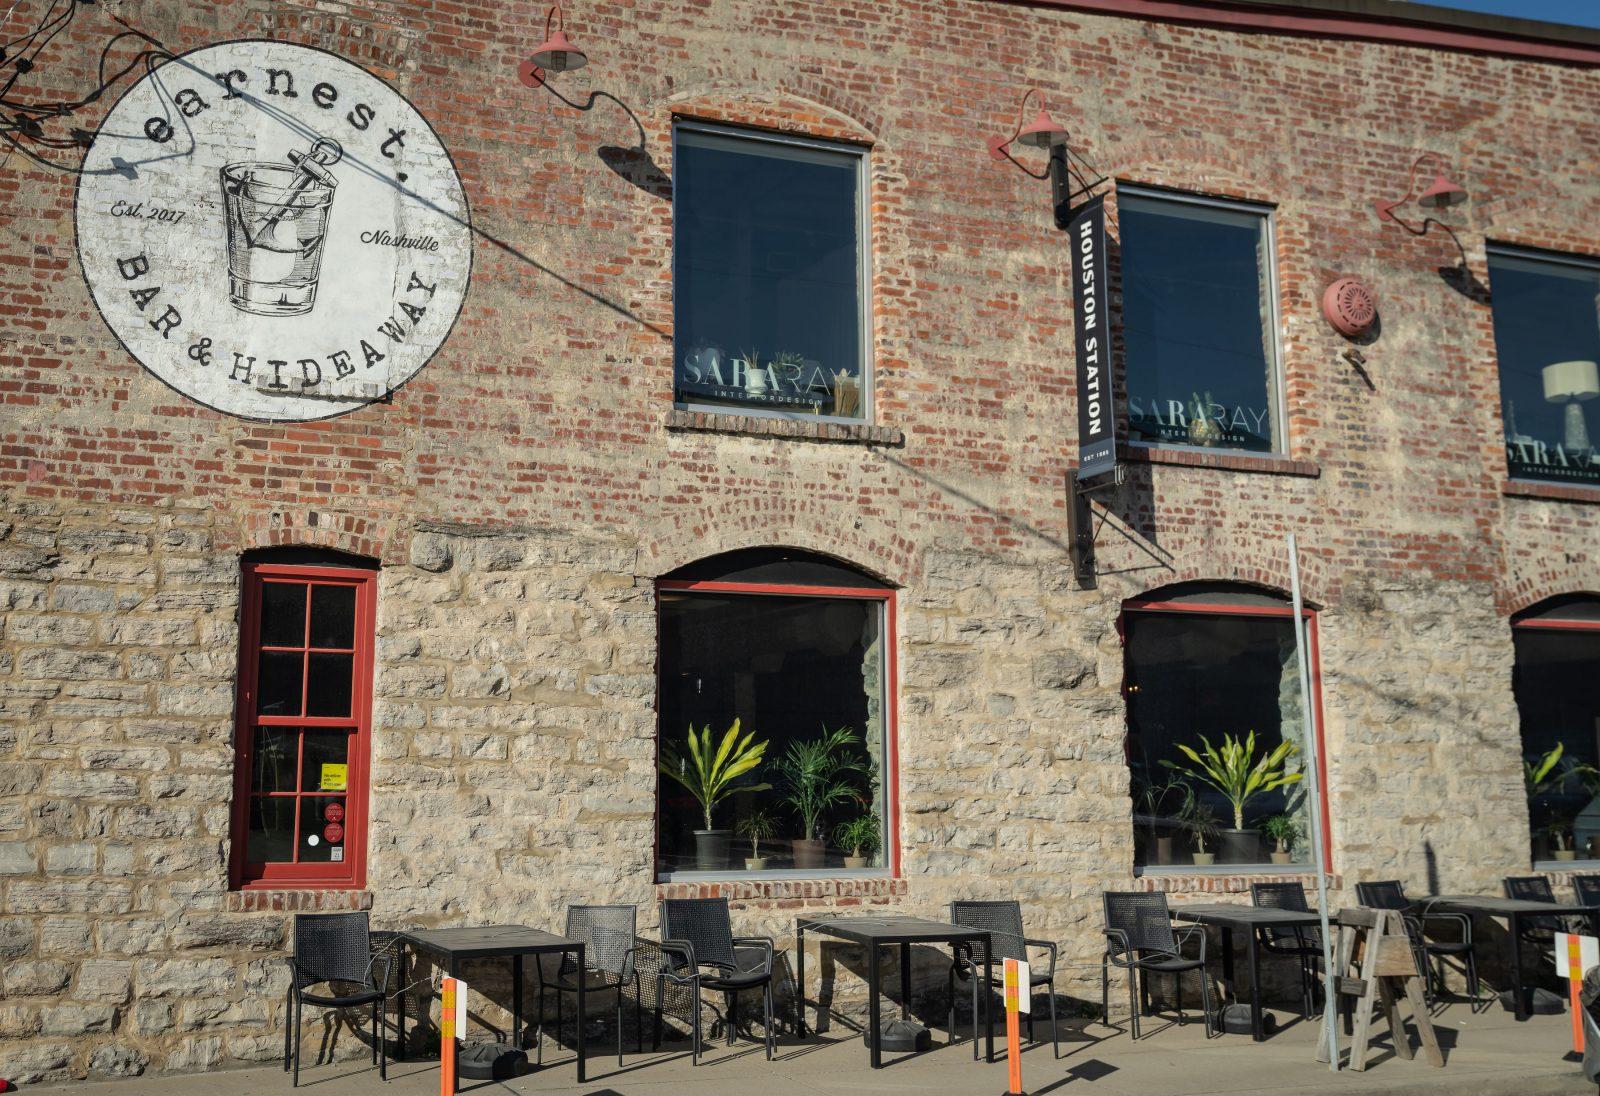 Earnest Bar & Hideaway location in TN